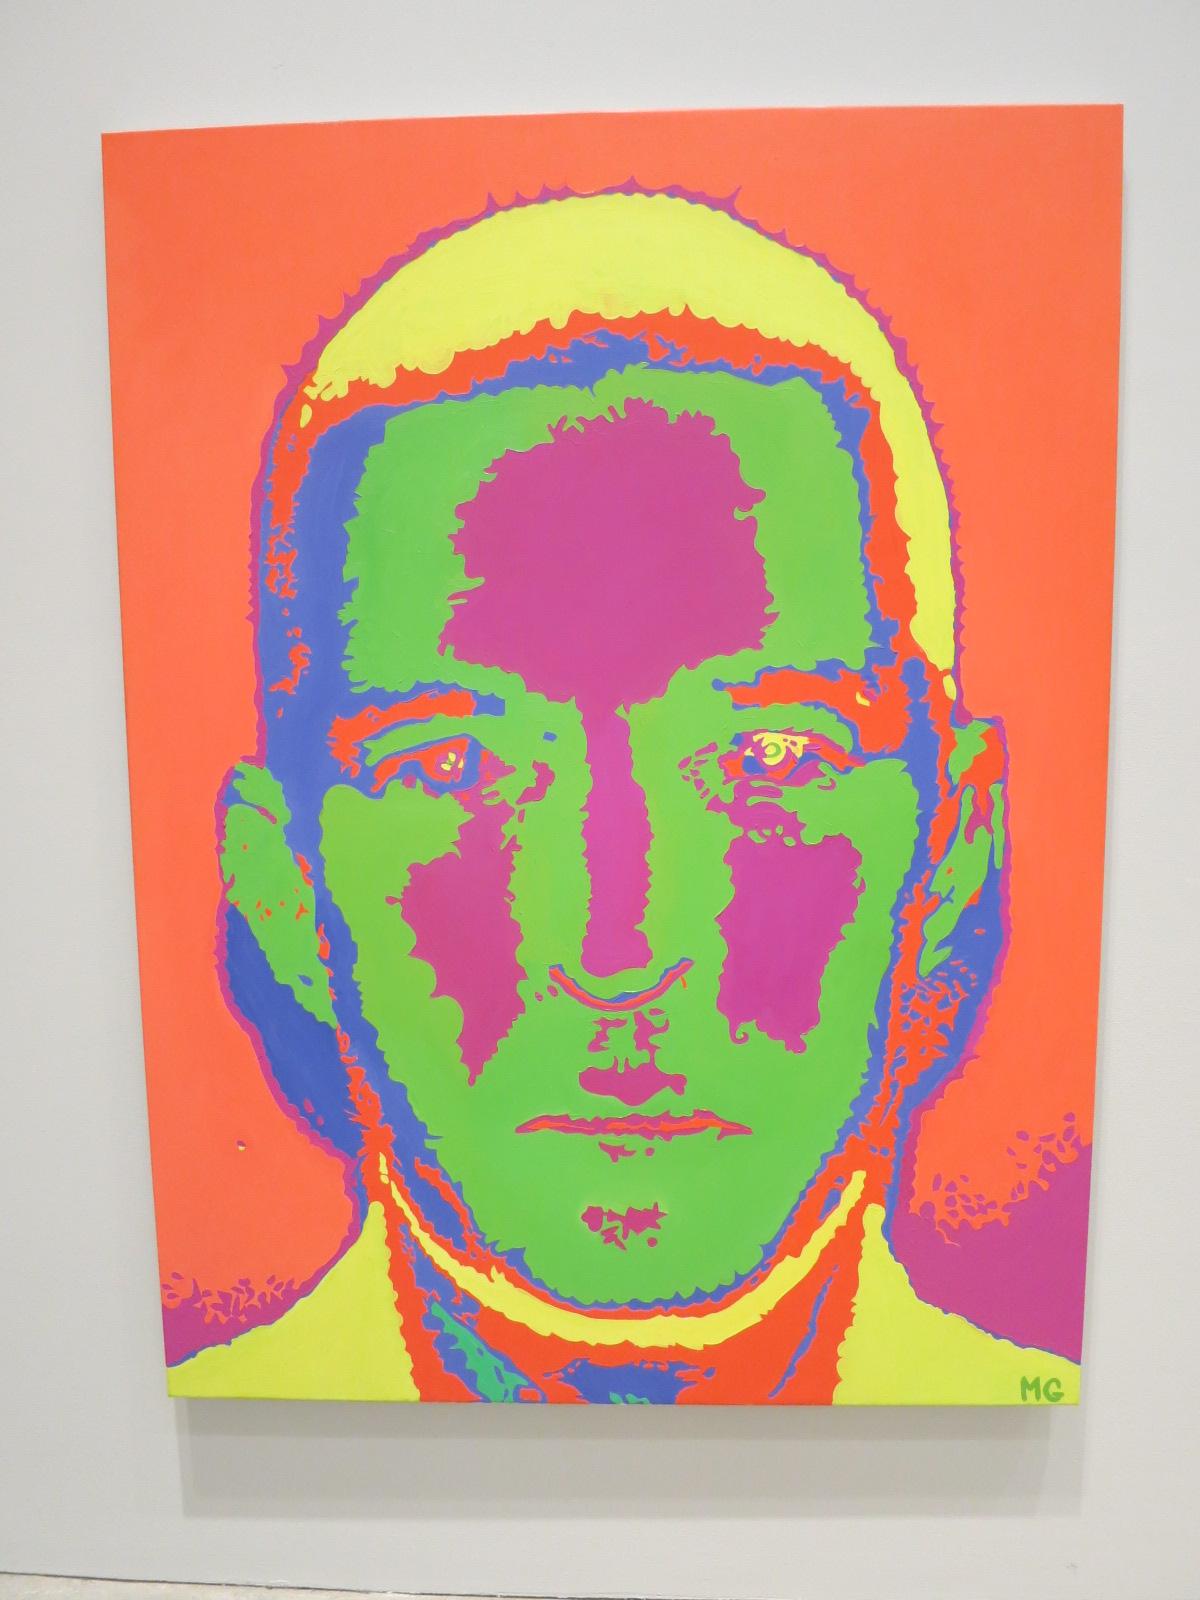 Mattys Gerber's 'Self portrait' 2002